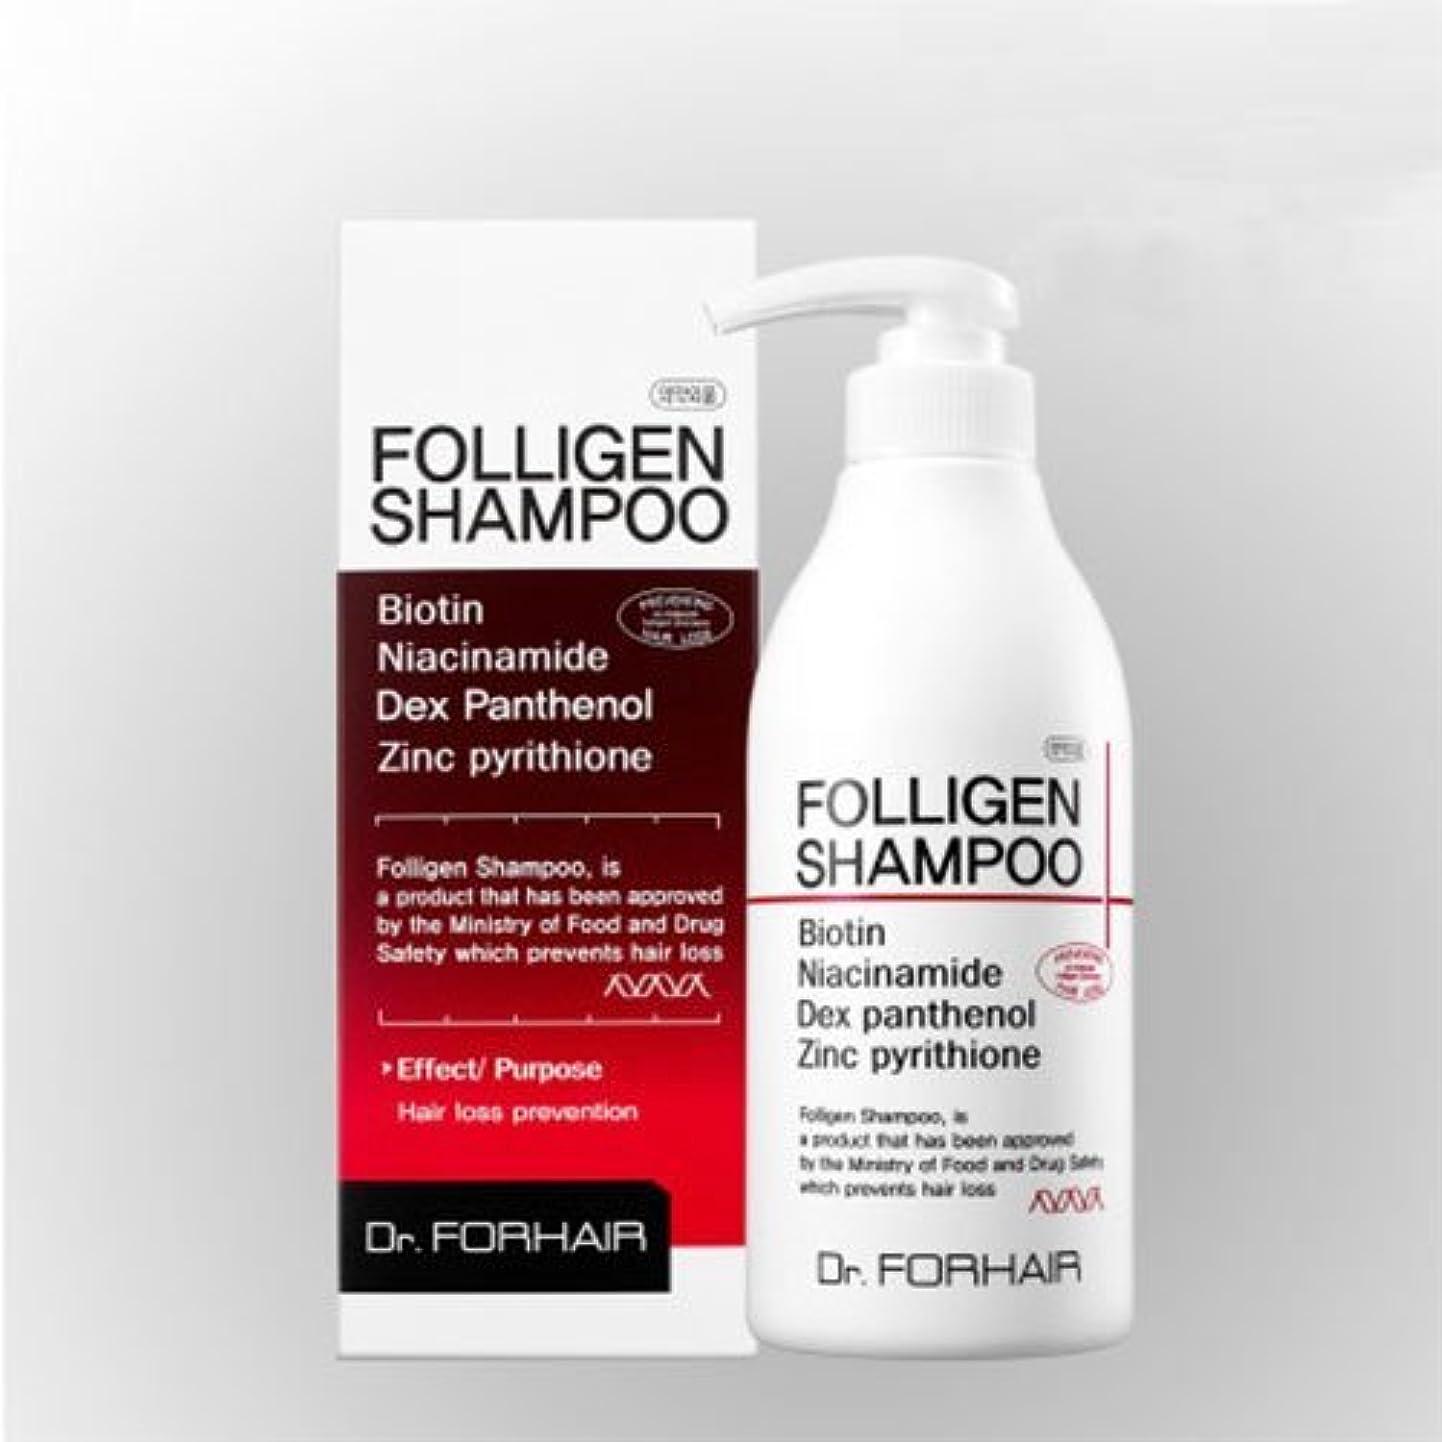 エゴマニアアーティキュレーション契約したダクト?フォーヘア ポルリジェン シャンプー500ml 脱毛防止シャンプー[並行輸入品] / Dr. Forhair Folligen Shampoo 500ml (16.9 fl.oz.) for Hair Loss...